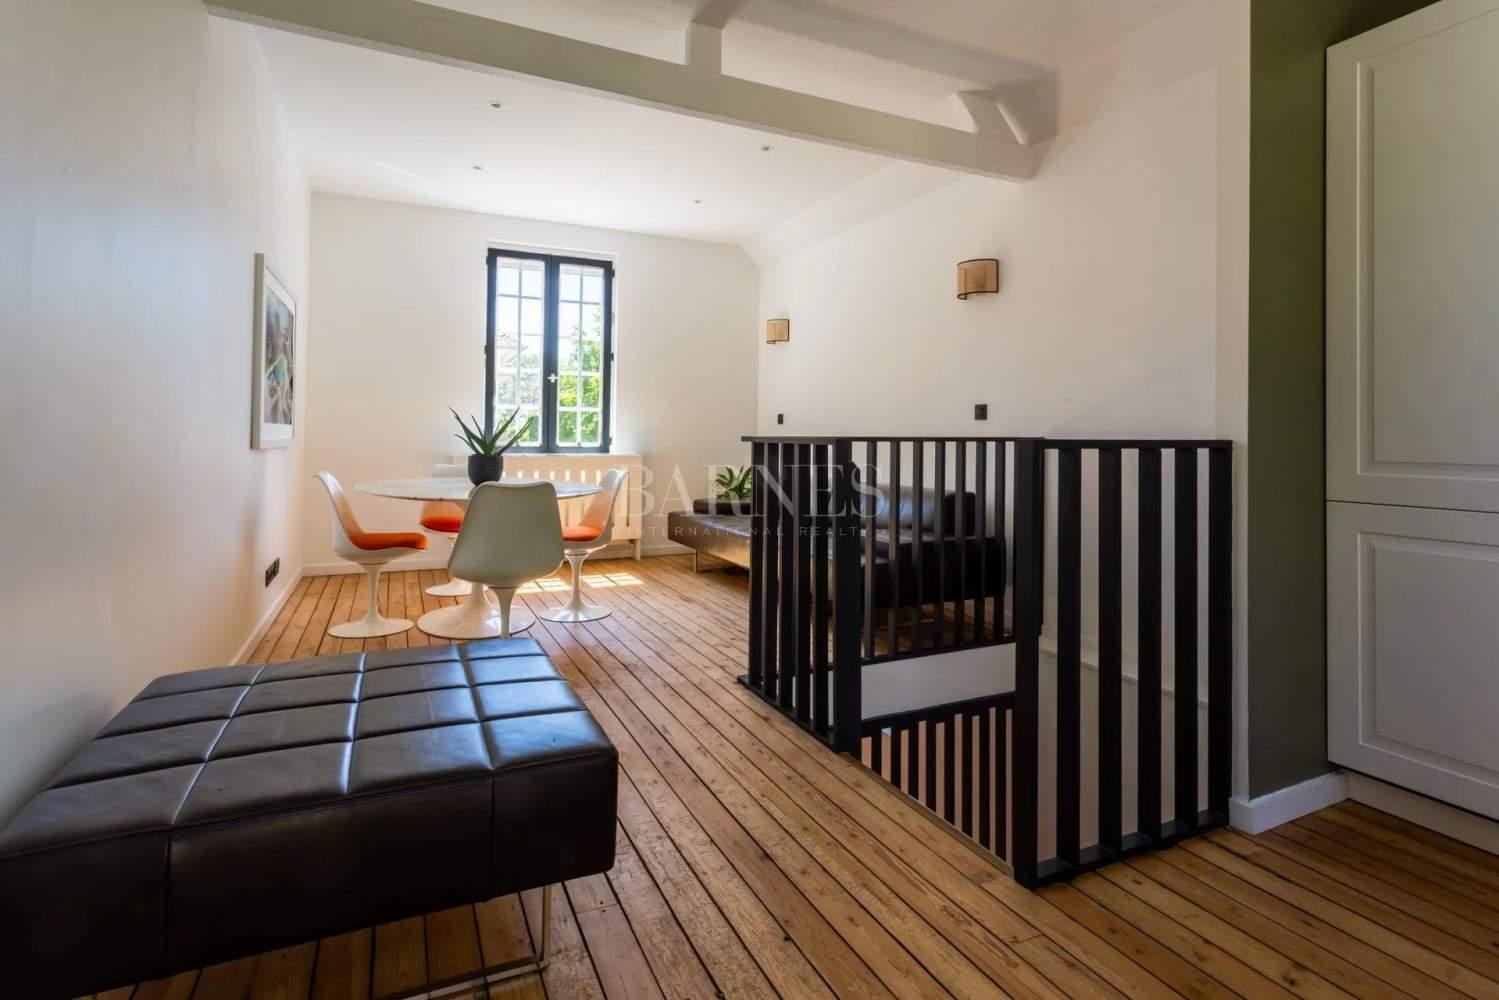 Villa secteur résidentiel calme de Deauville, proche de la plage picture 14